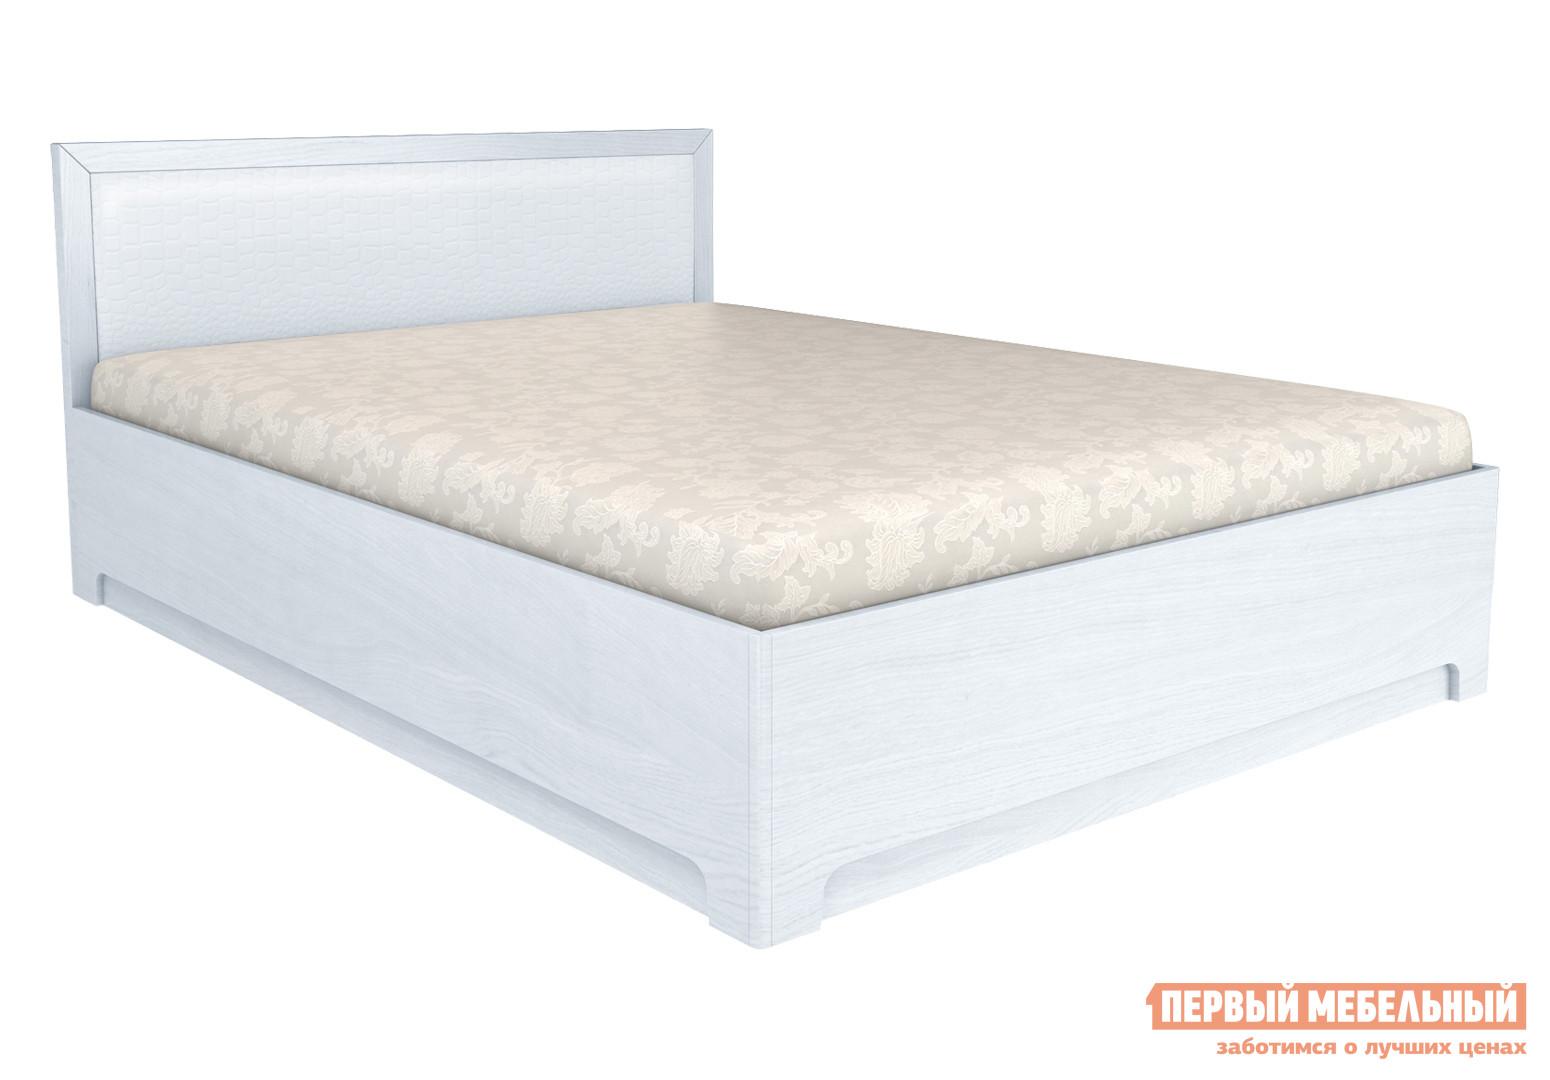 Двуспальная кровать  Капри 1 ПМ Дуб Альбино / Кожа caiman светлый, 160х200